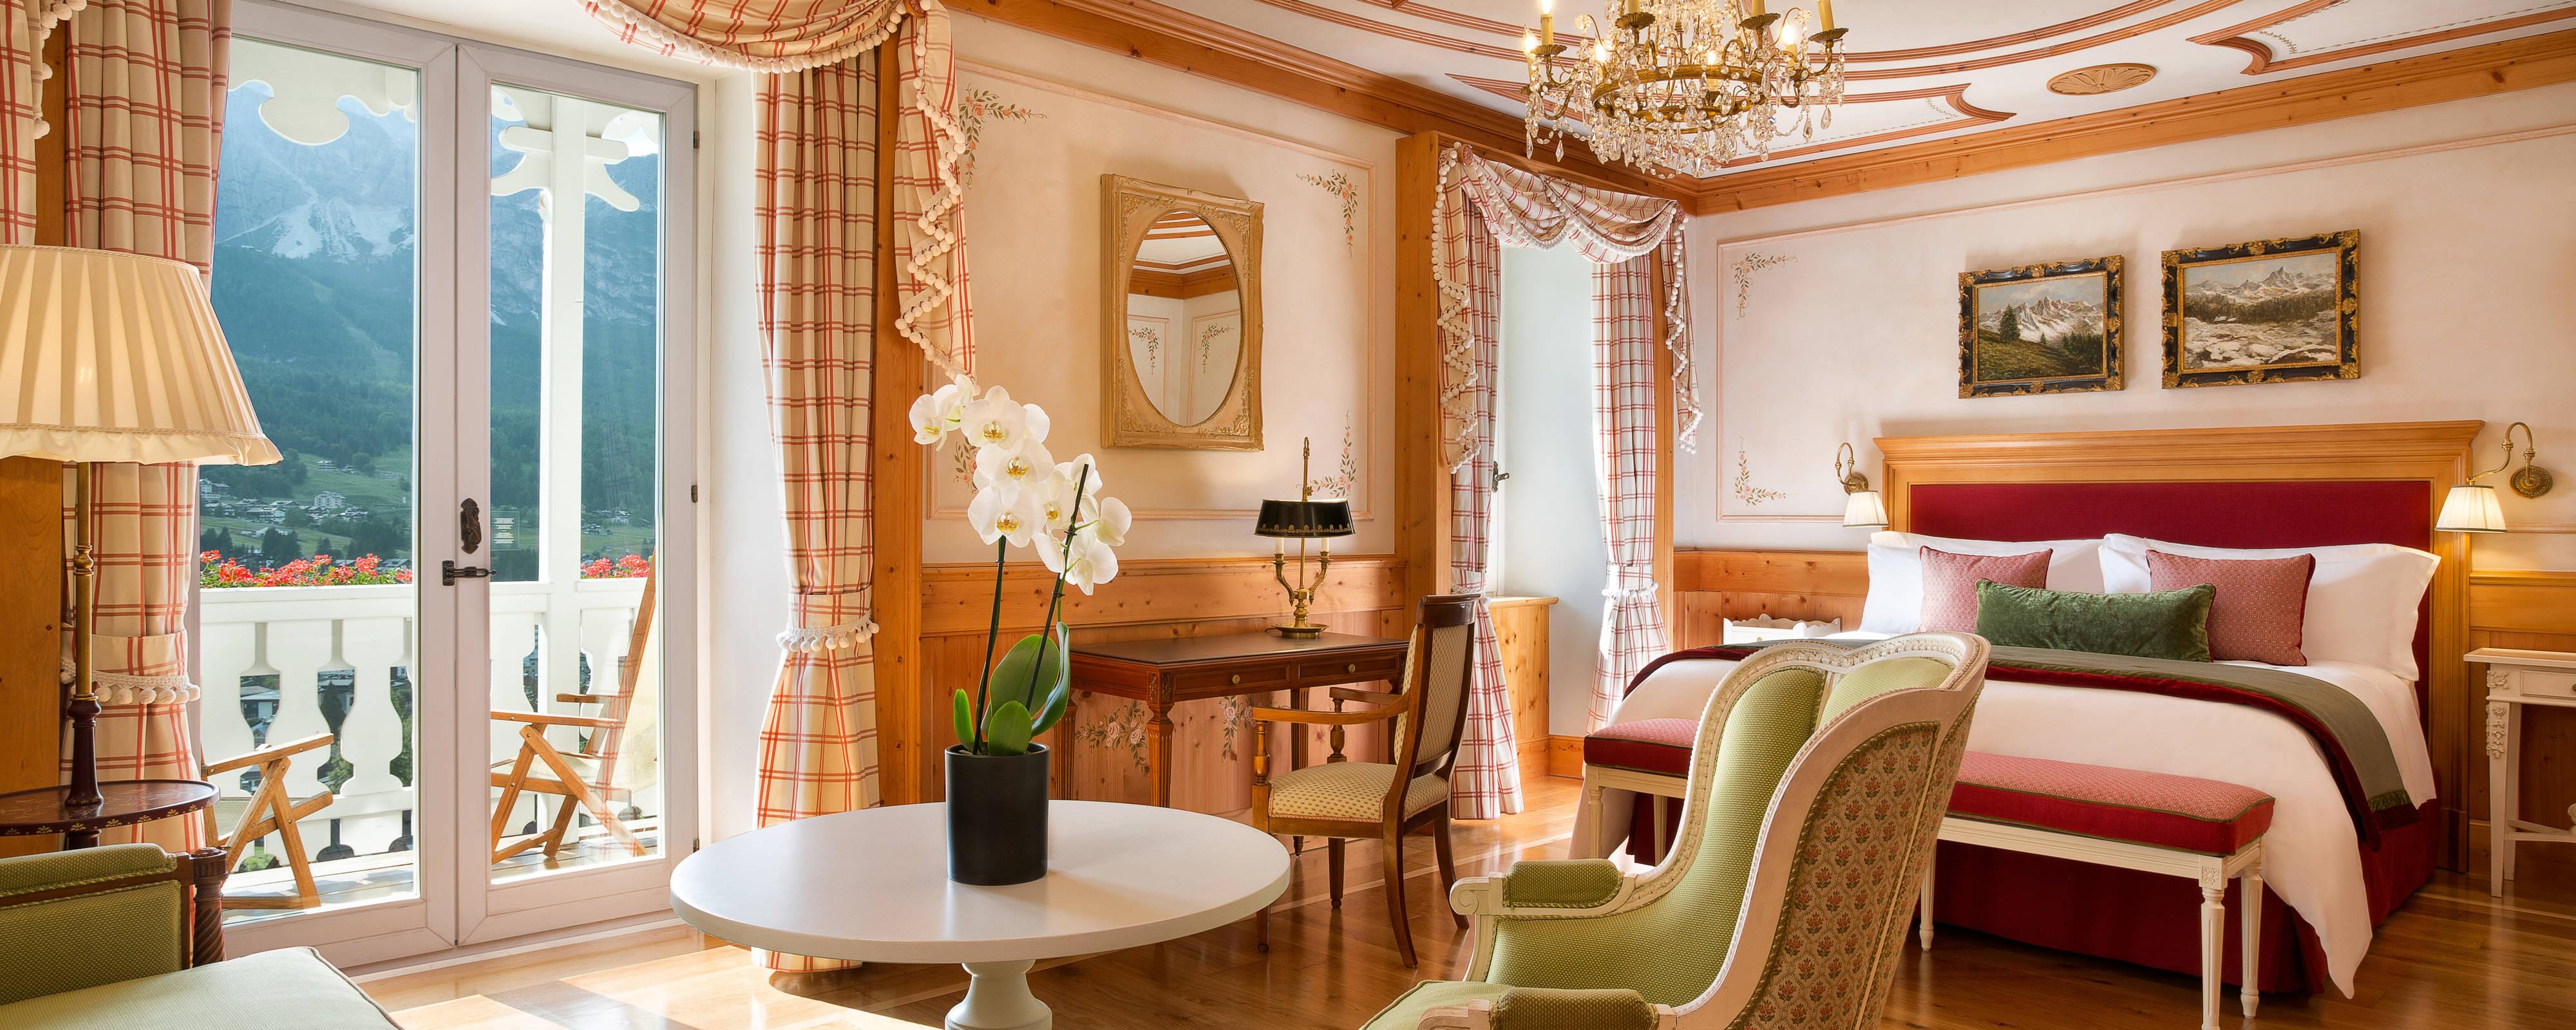 Cristallo, a Luxury Collection Resort & Spa, Cortina dAmpezzo ...